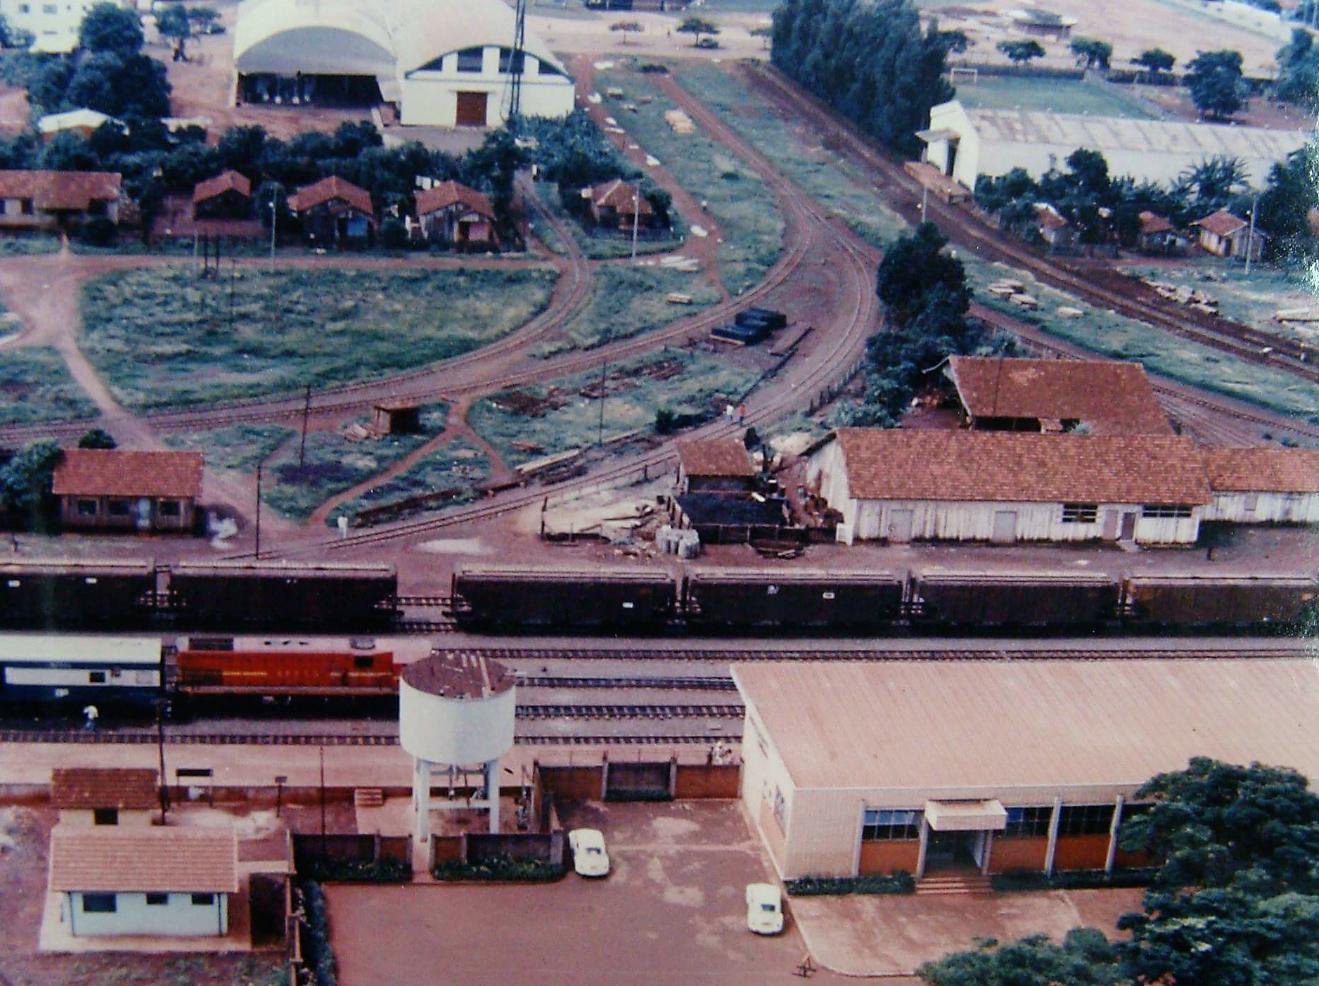 Pátio da Estação Ferroviária - Década de 1980